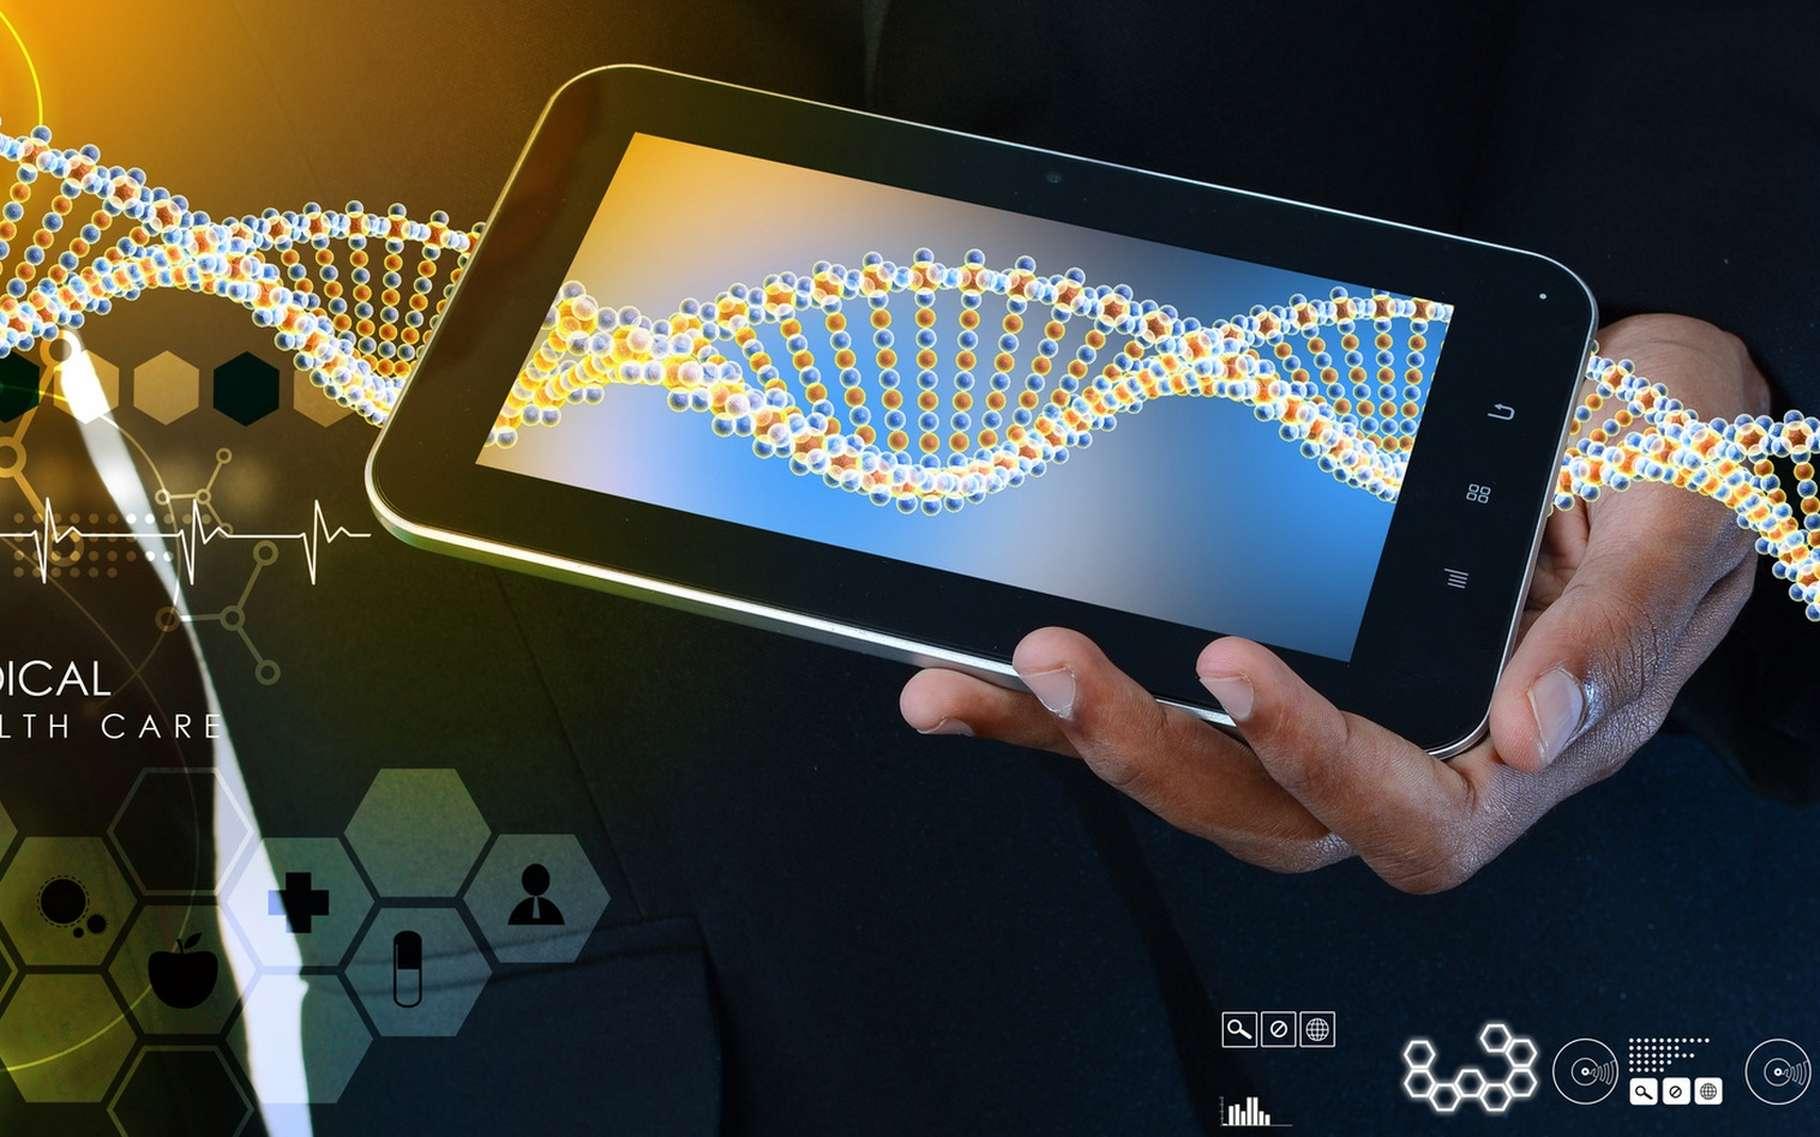 La puissance des smartphones ouvre des possibilités inédites en matière de diagnostic biomédical de terrain. © Cutimage, Fotolia